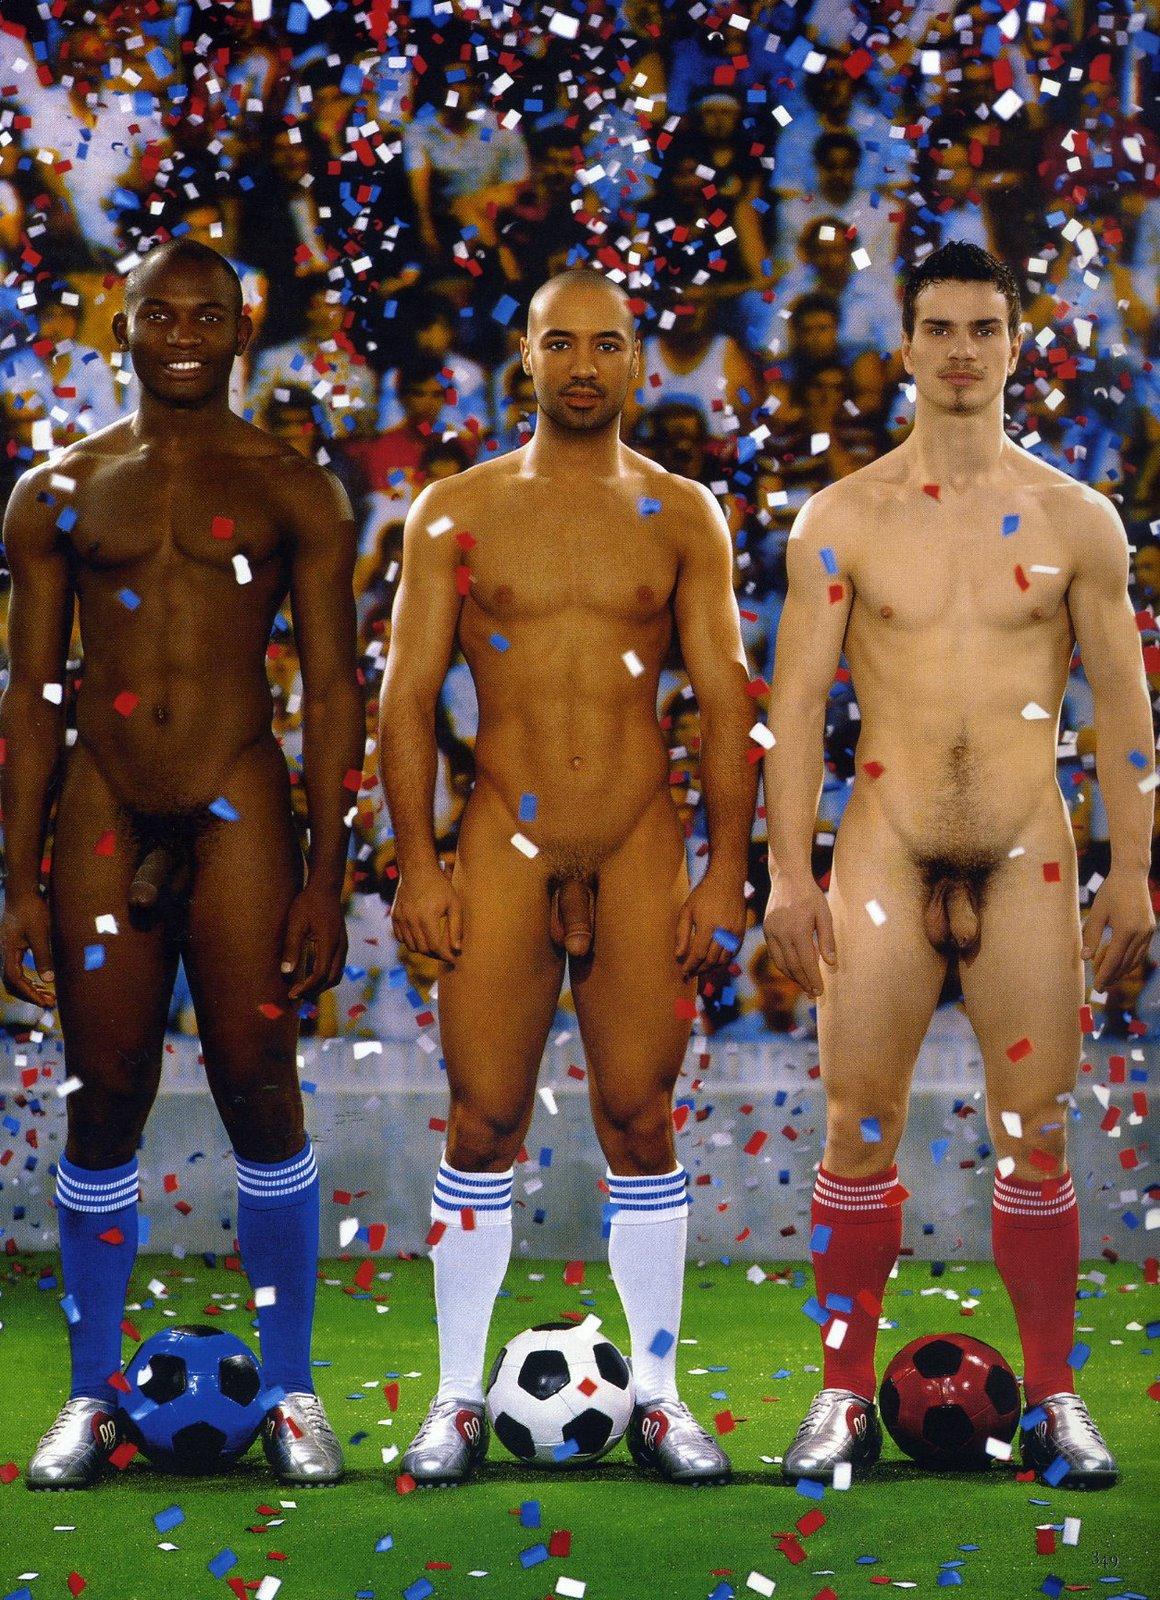 Голые Парни Играют В Футбол Торрент Скачать